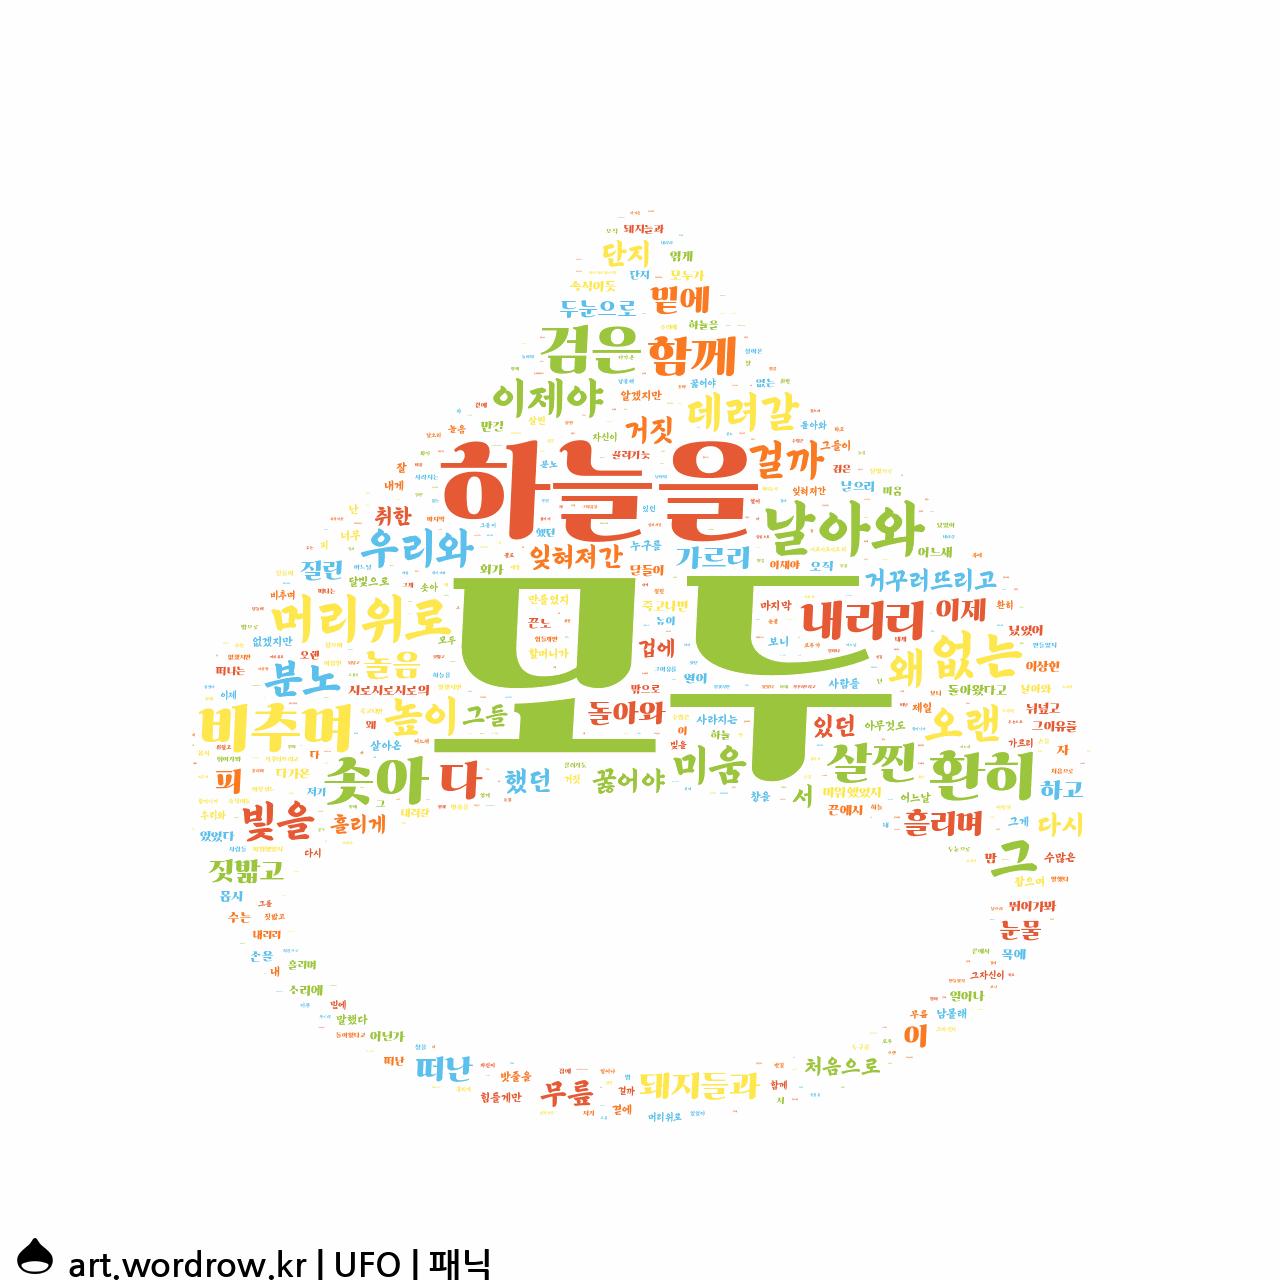 워드 클라우드: UFO [패닉]-31